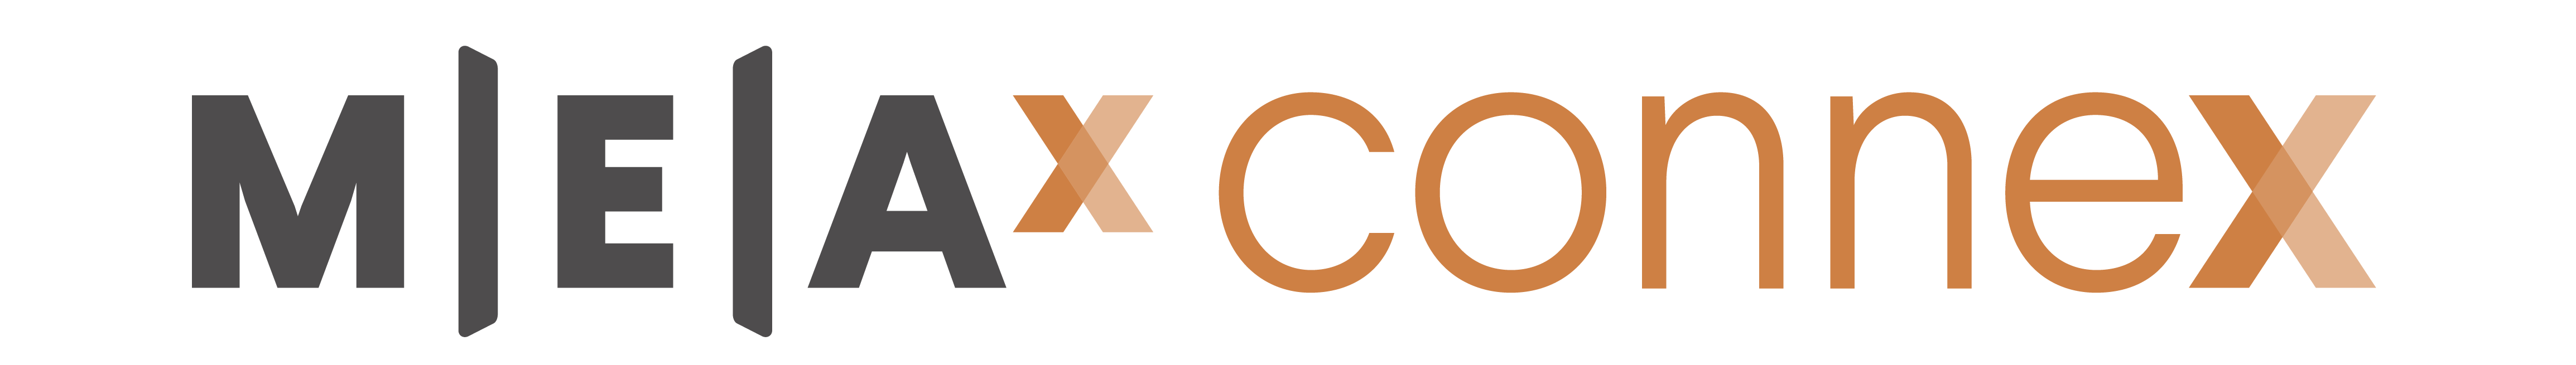 MEAx Connex